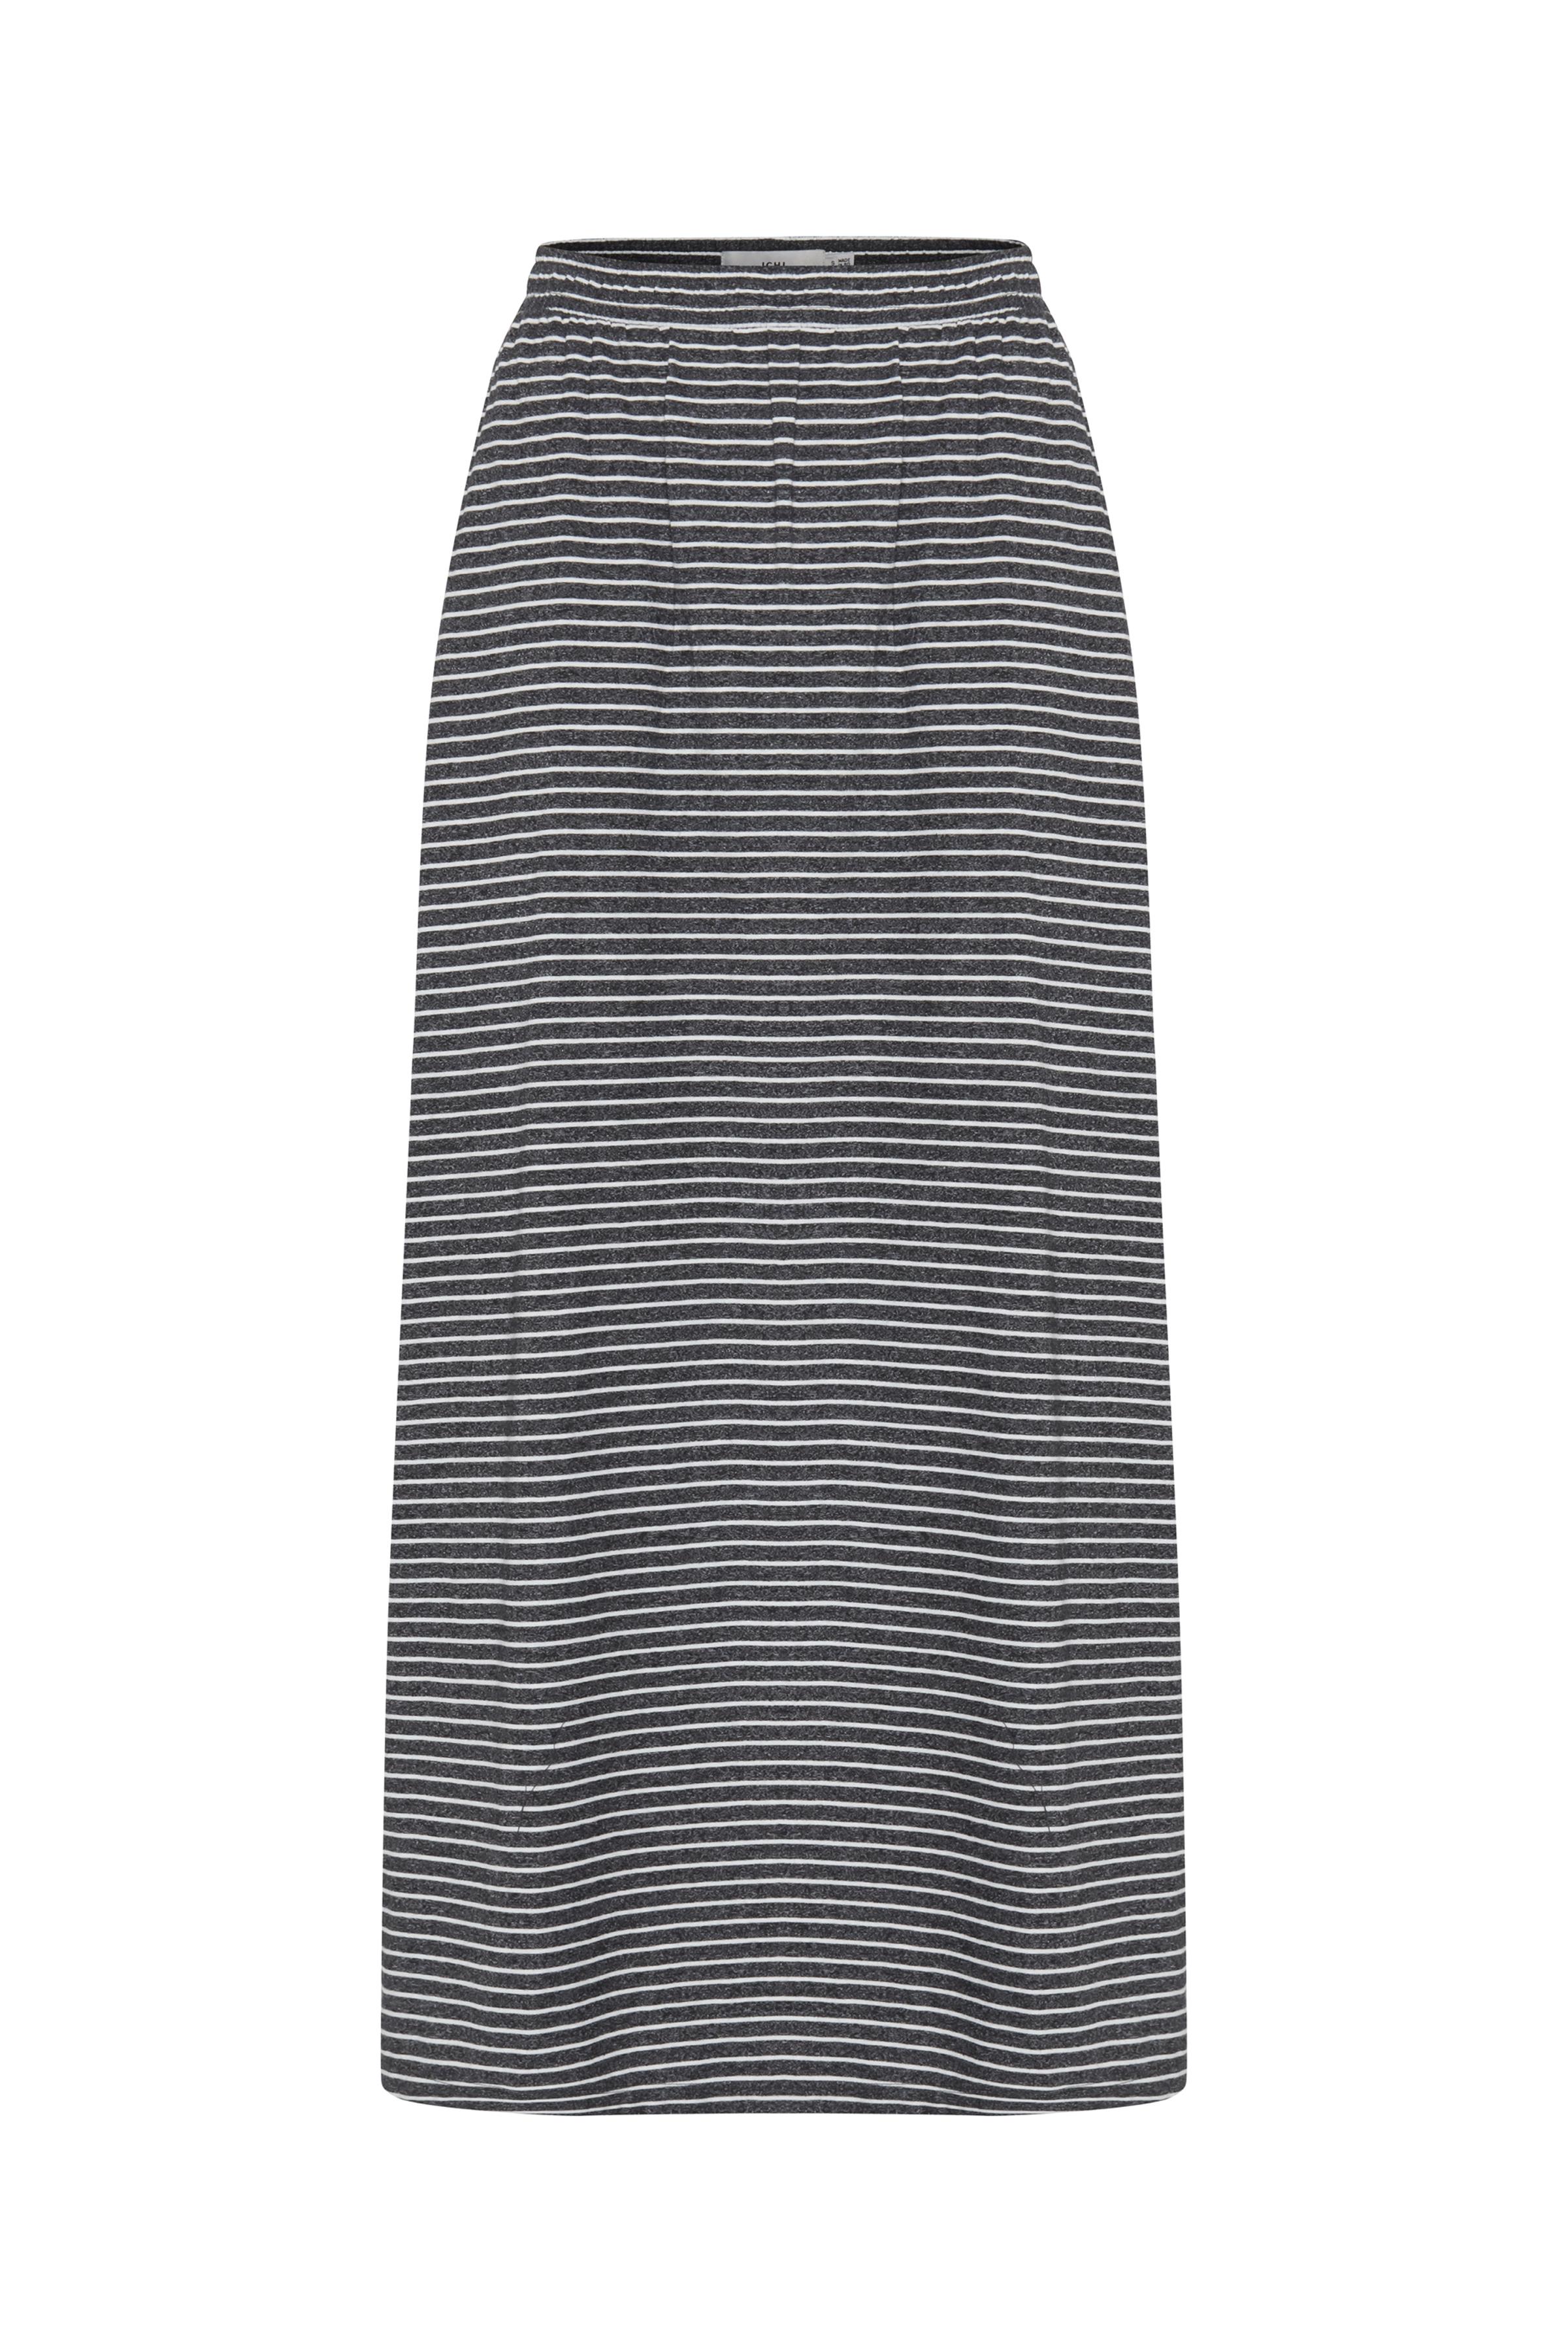 Small Stripe Black Nederdel – Køb Small Stripe Black Nederdel fra str. XS-L her